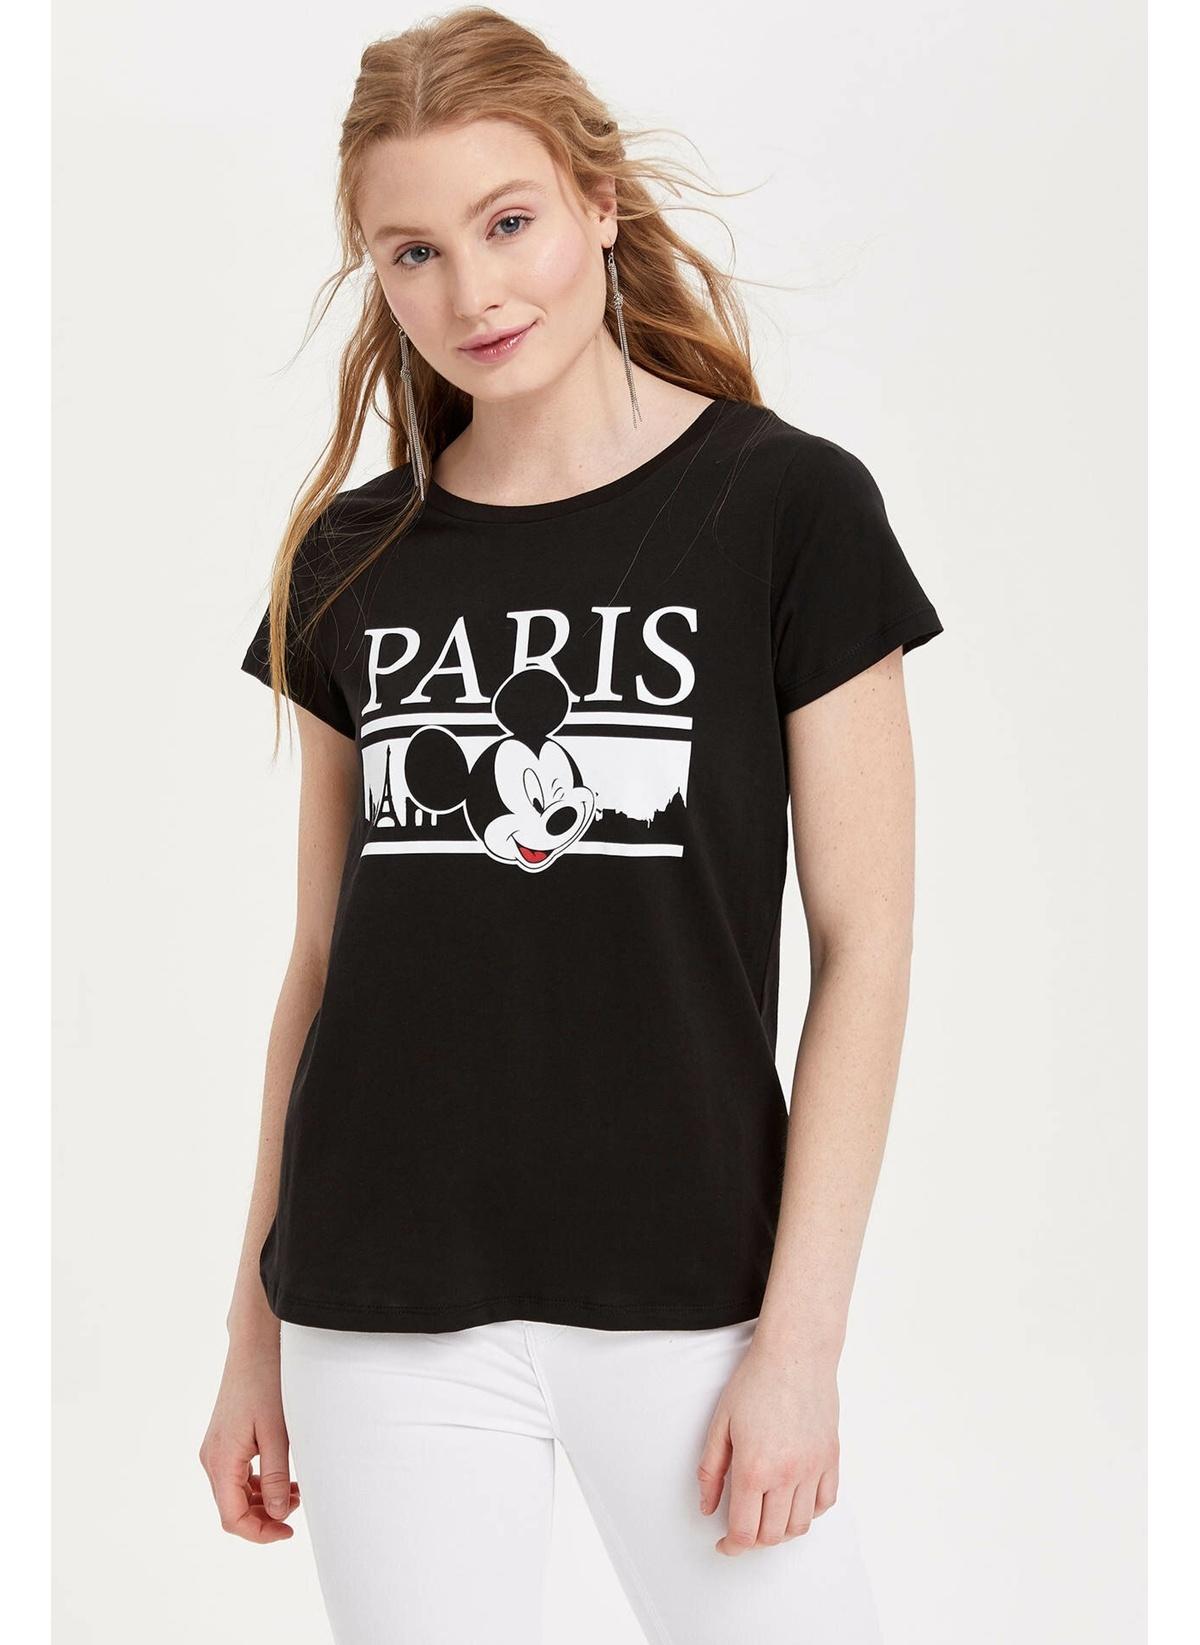 Defacto Tişört K9053az19smbk27t-shirt – 29.99 TL